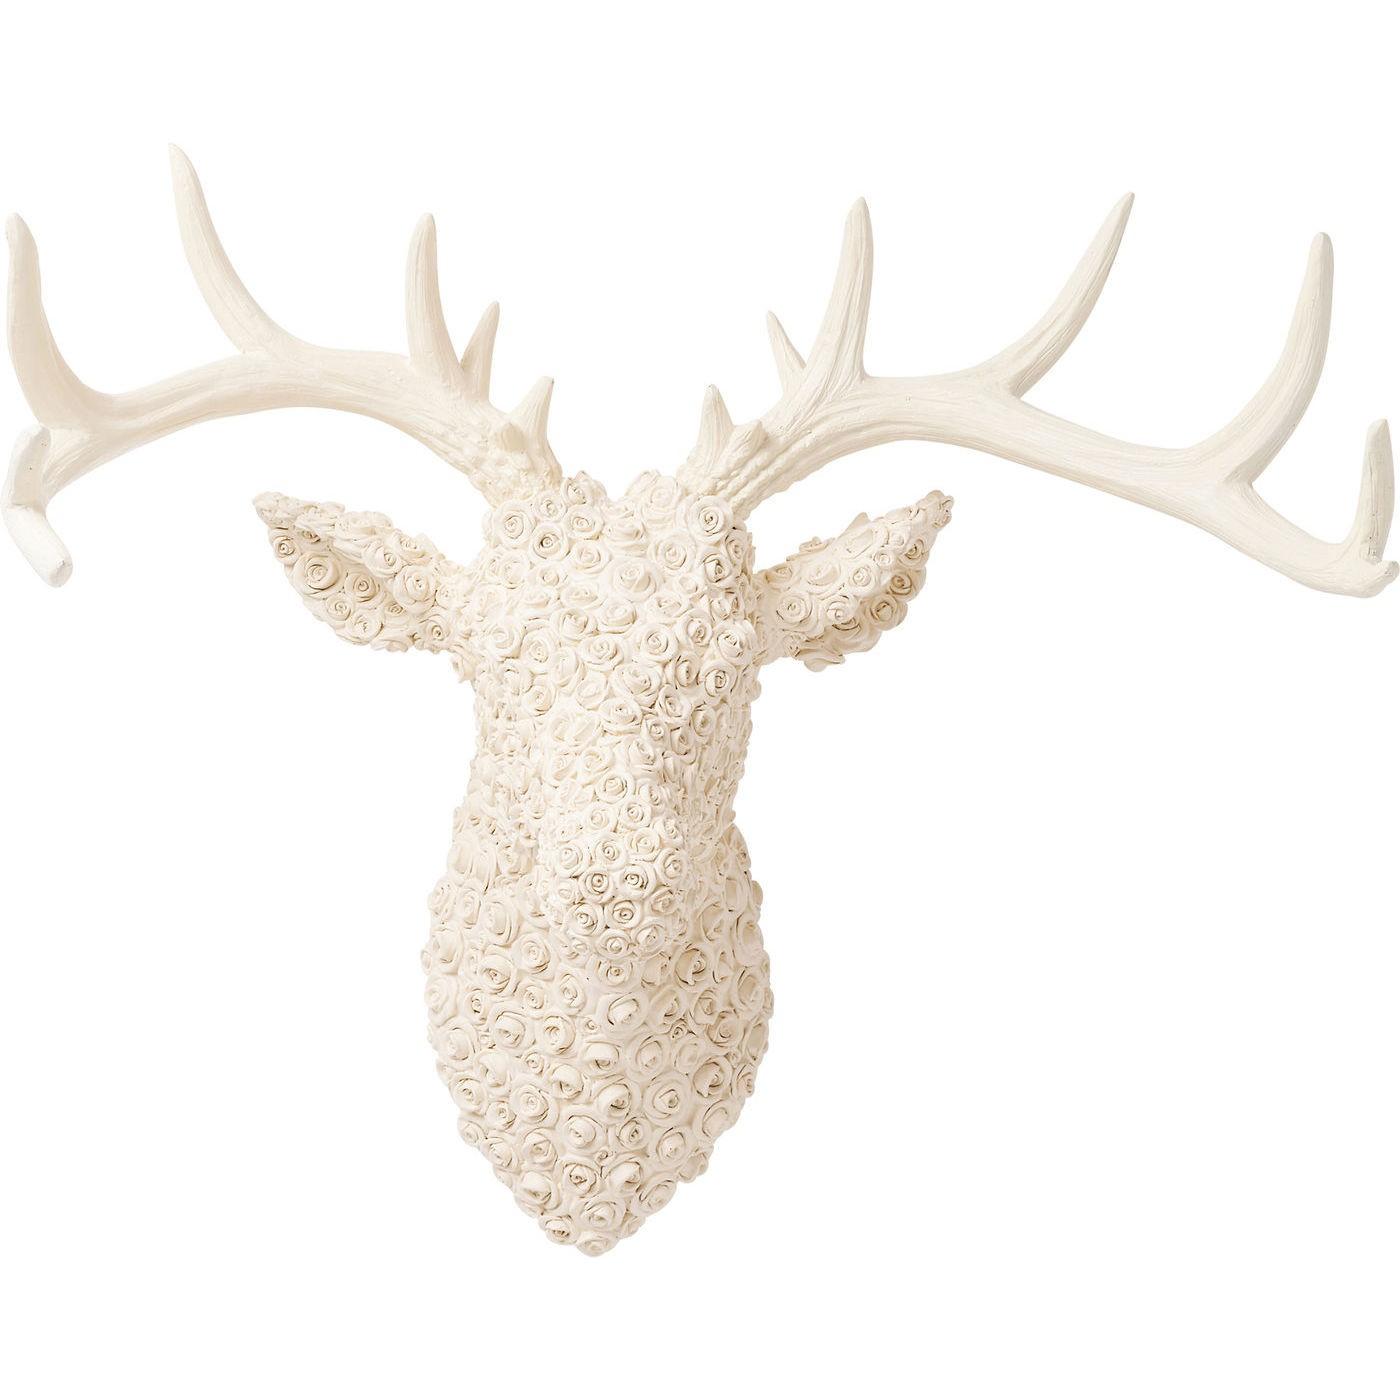 Billede af Vægdekoration Antler Deer Roses Hvid